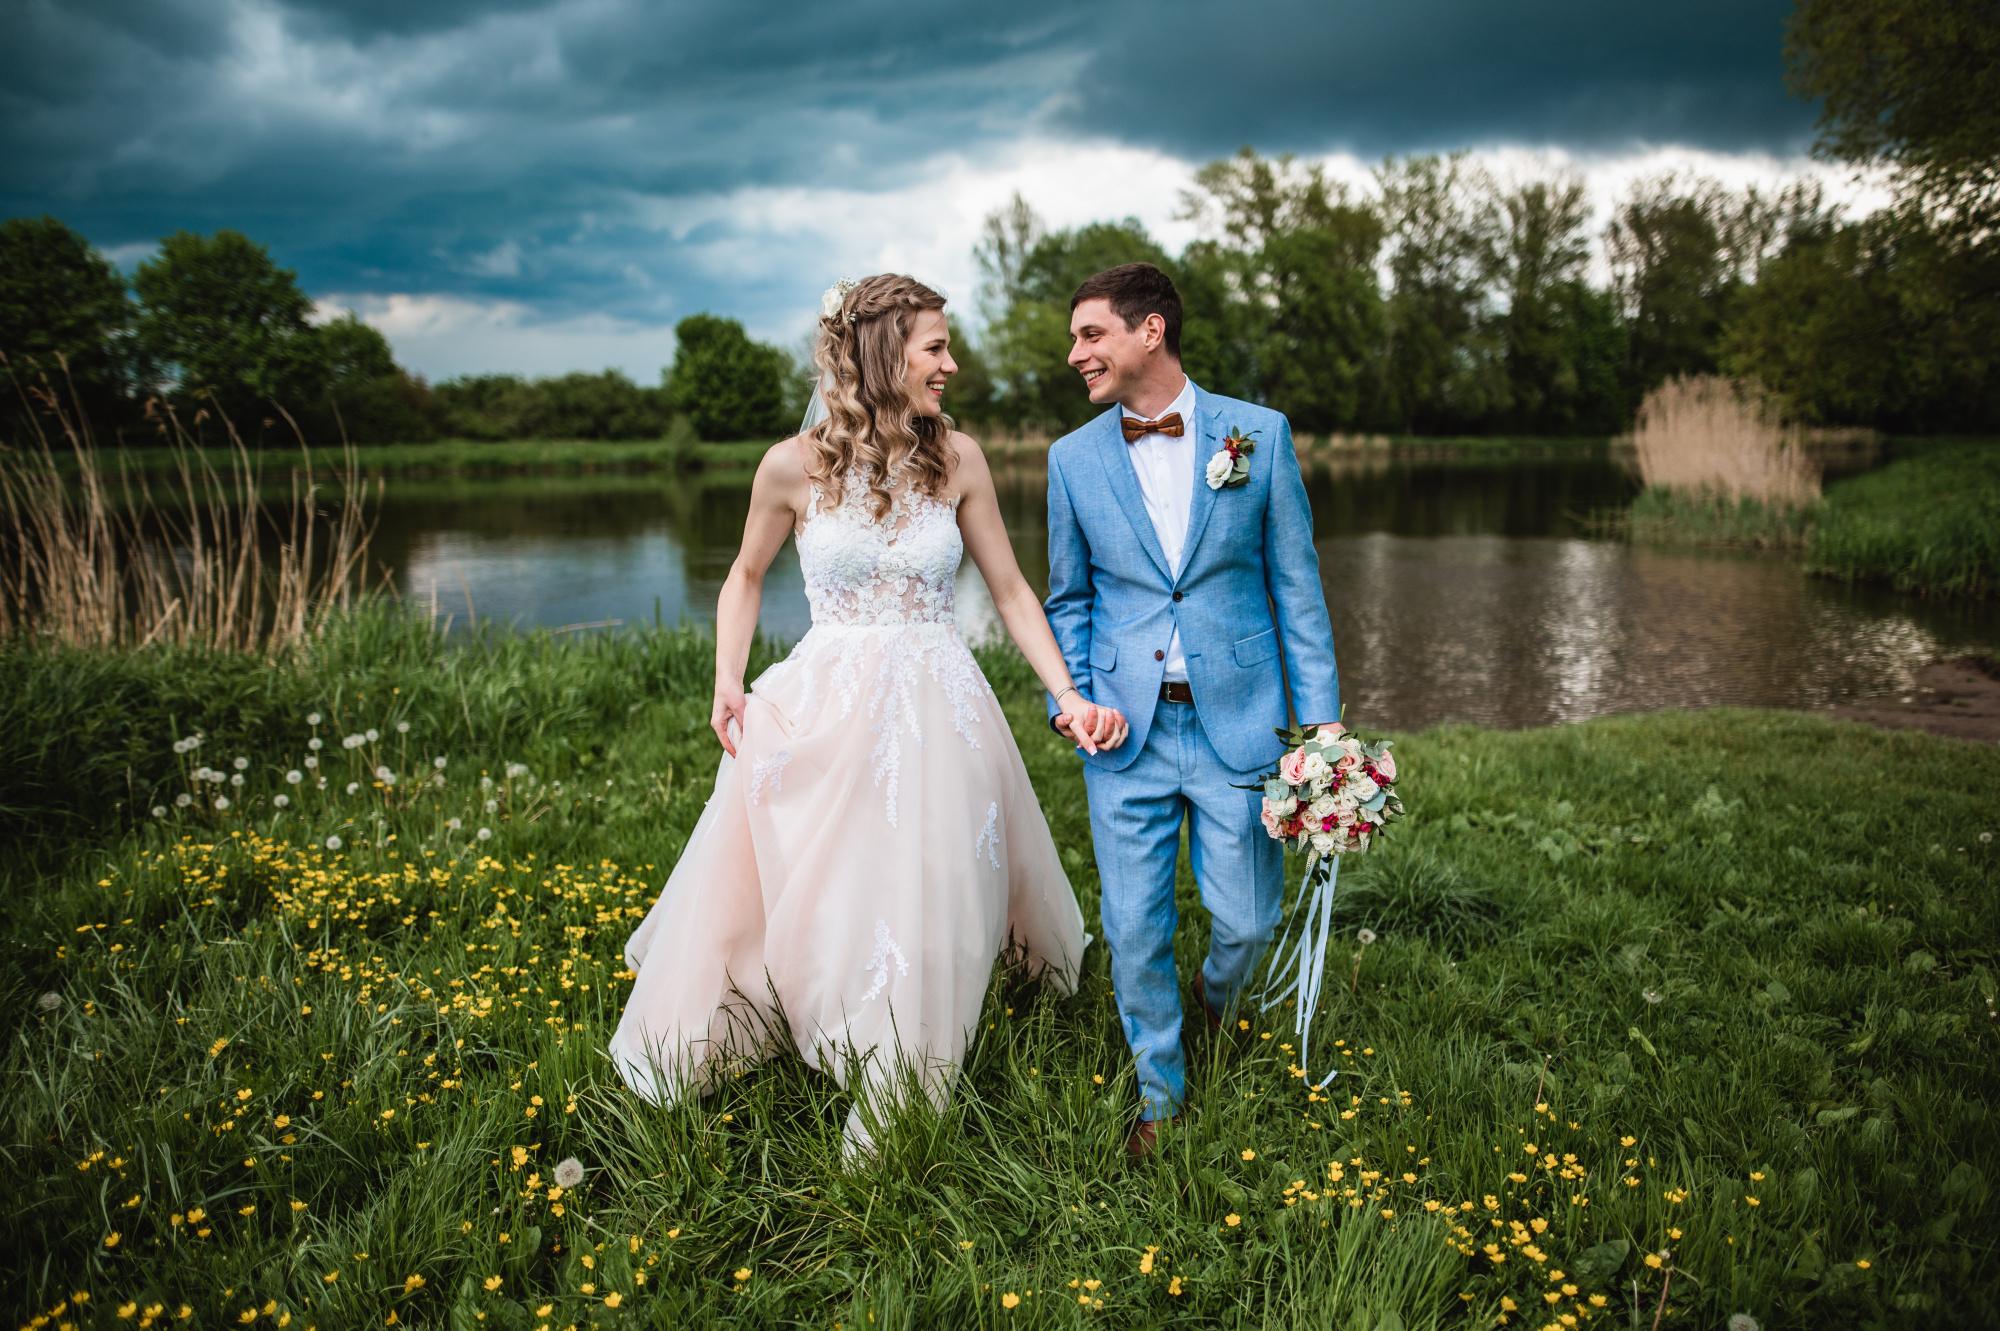 Párové svatební focení v přírodě u rybníku